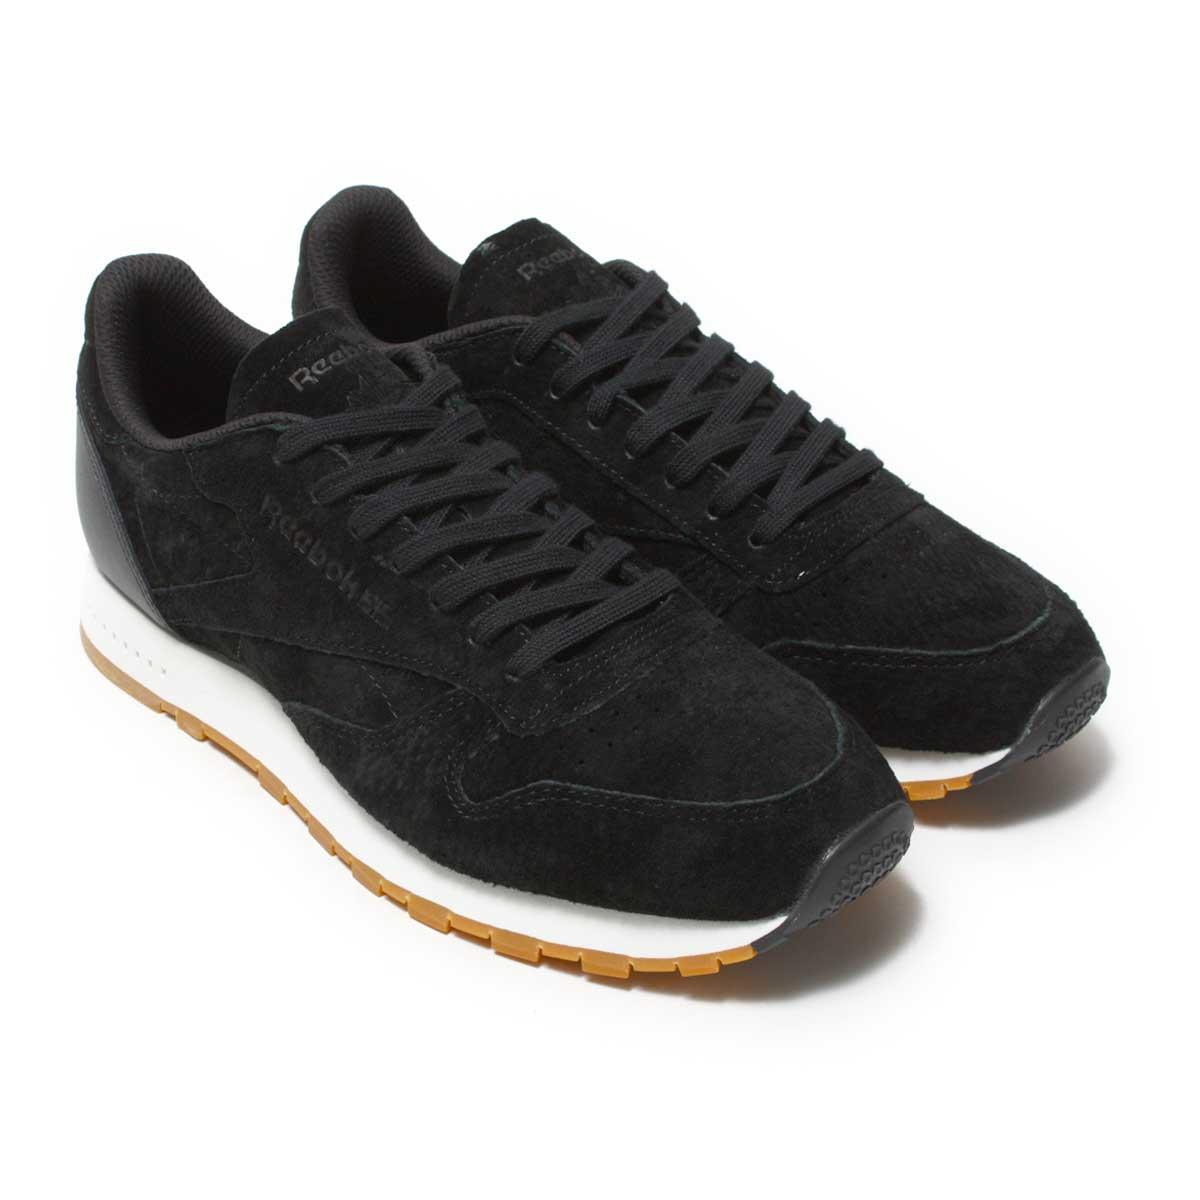 25a984cec321a Reebok CLASSIC (Reebok classical music) sneakers.